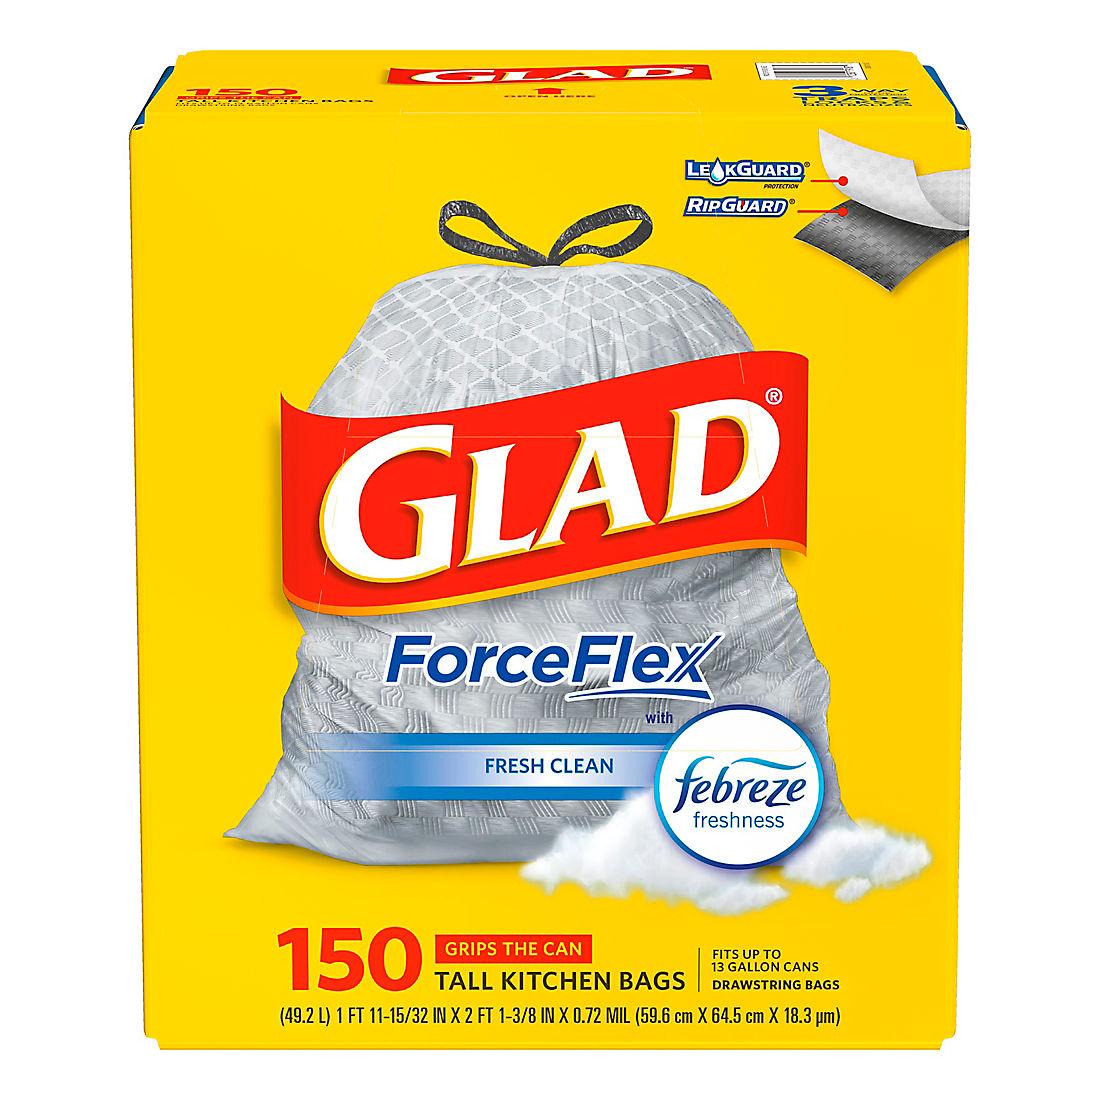 Glad Forceflex 13 Gallon Drawstring